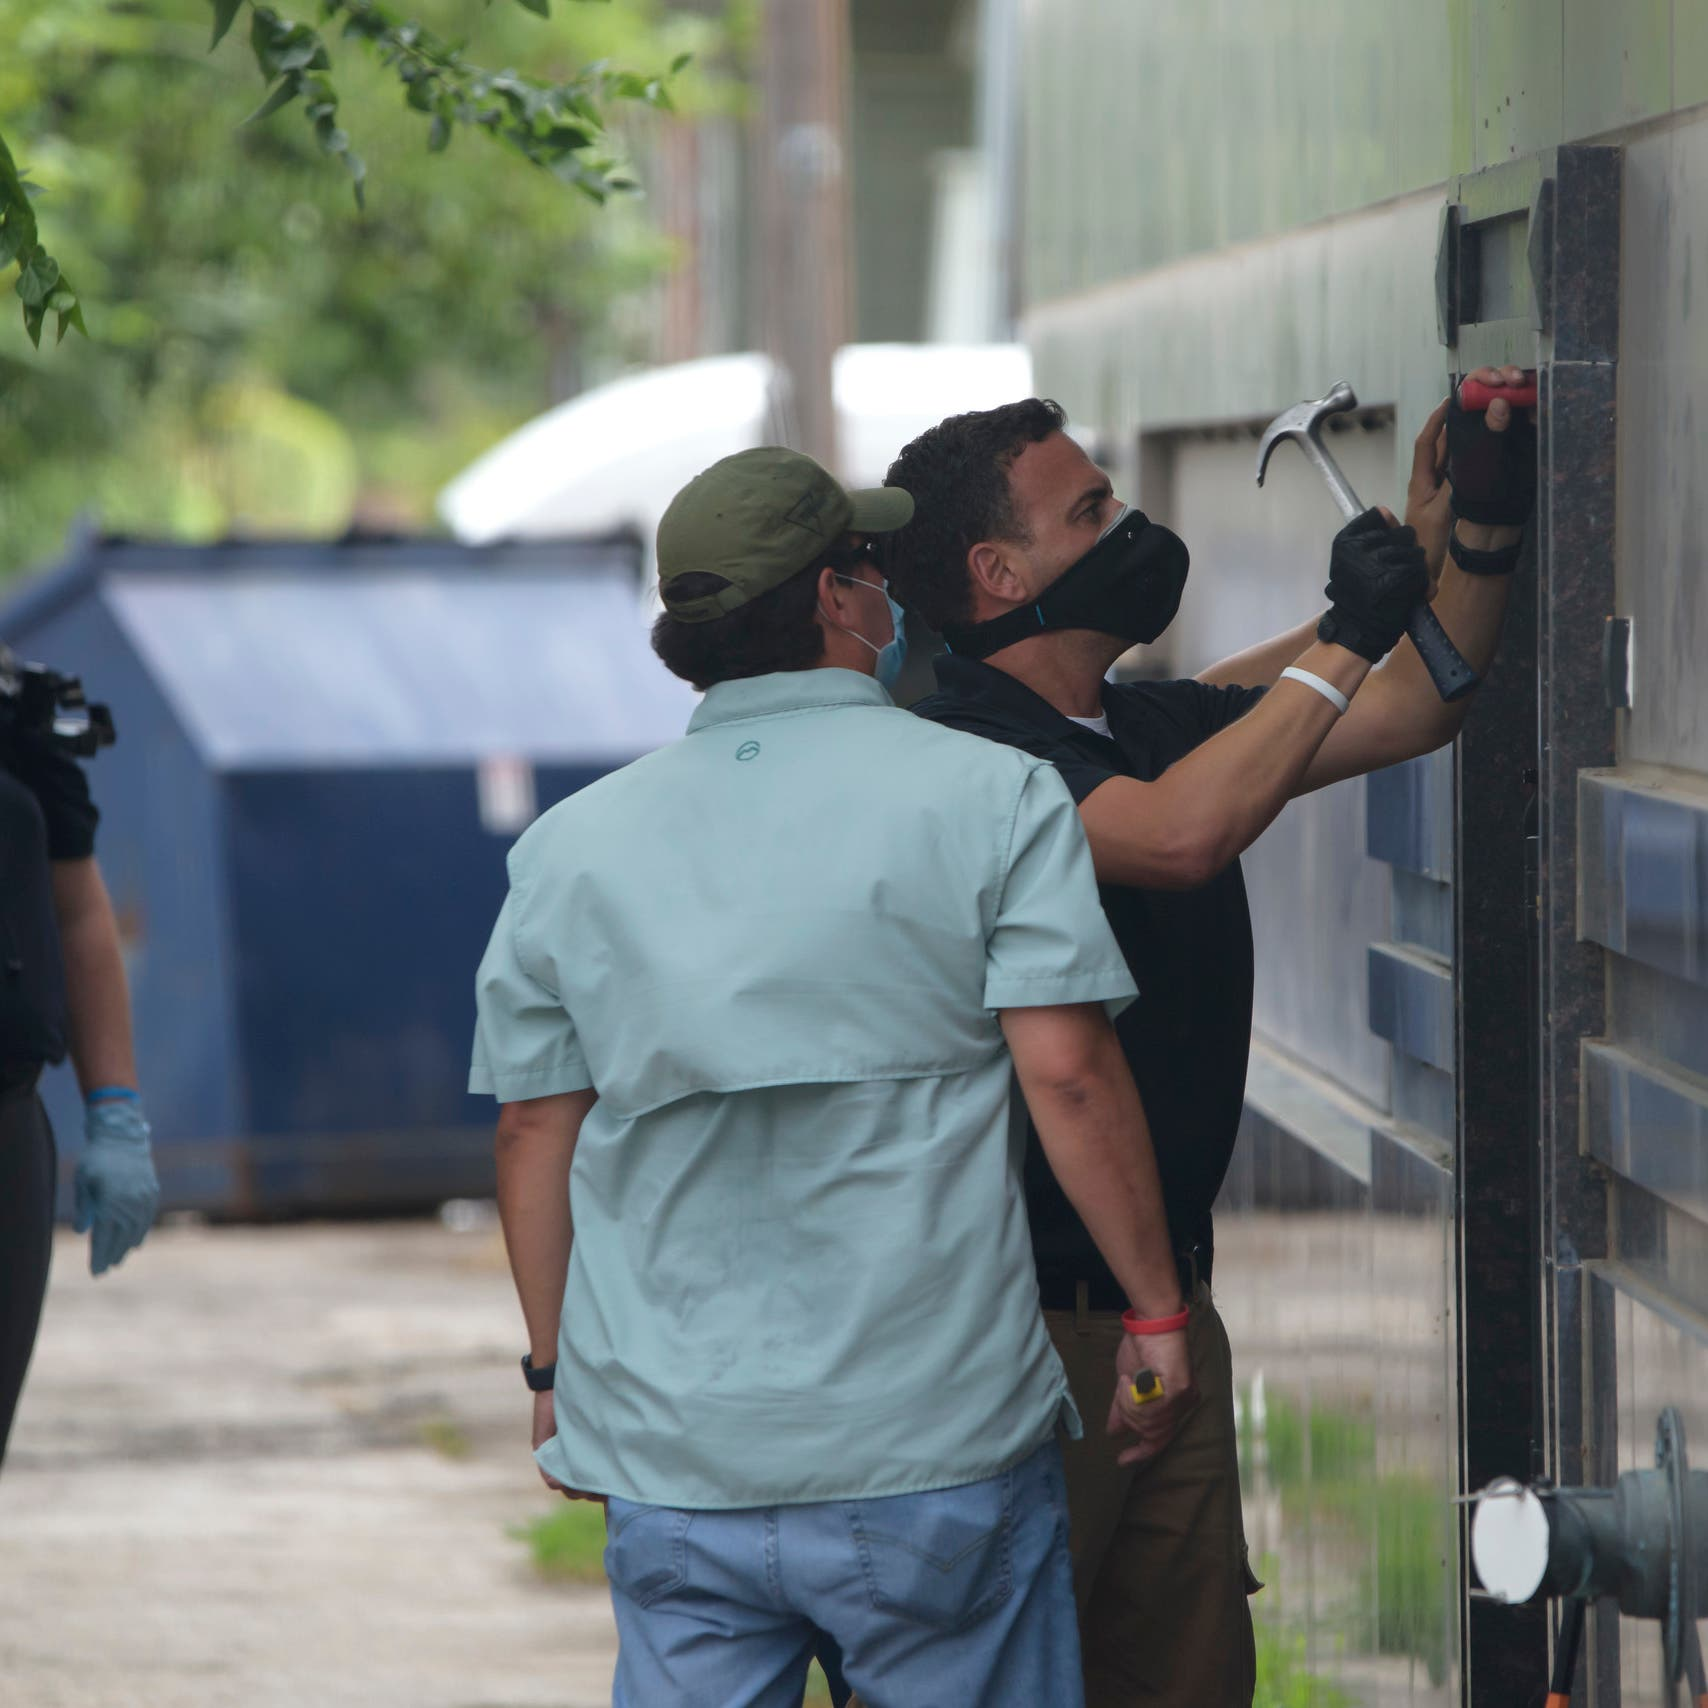 المهلة انتهت.. الأمن يدخل قنصلية الصين في هيوستن